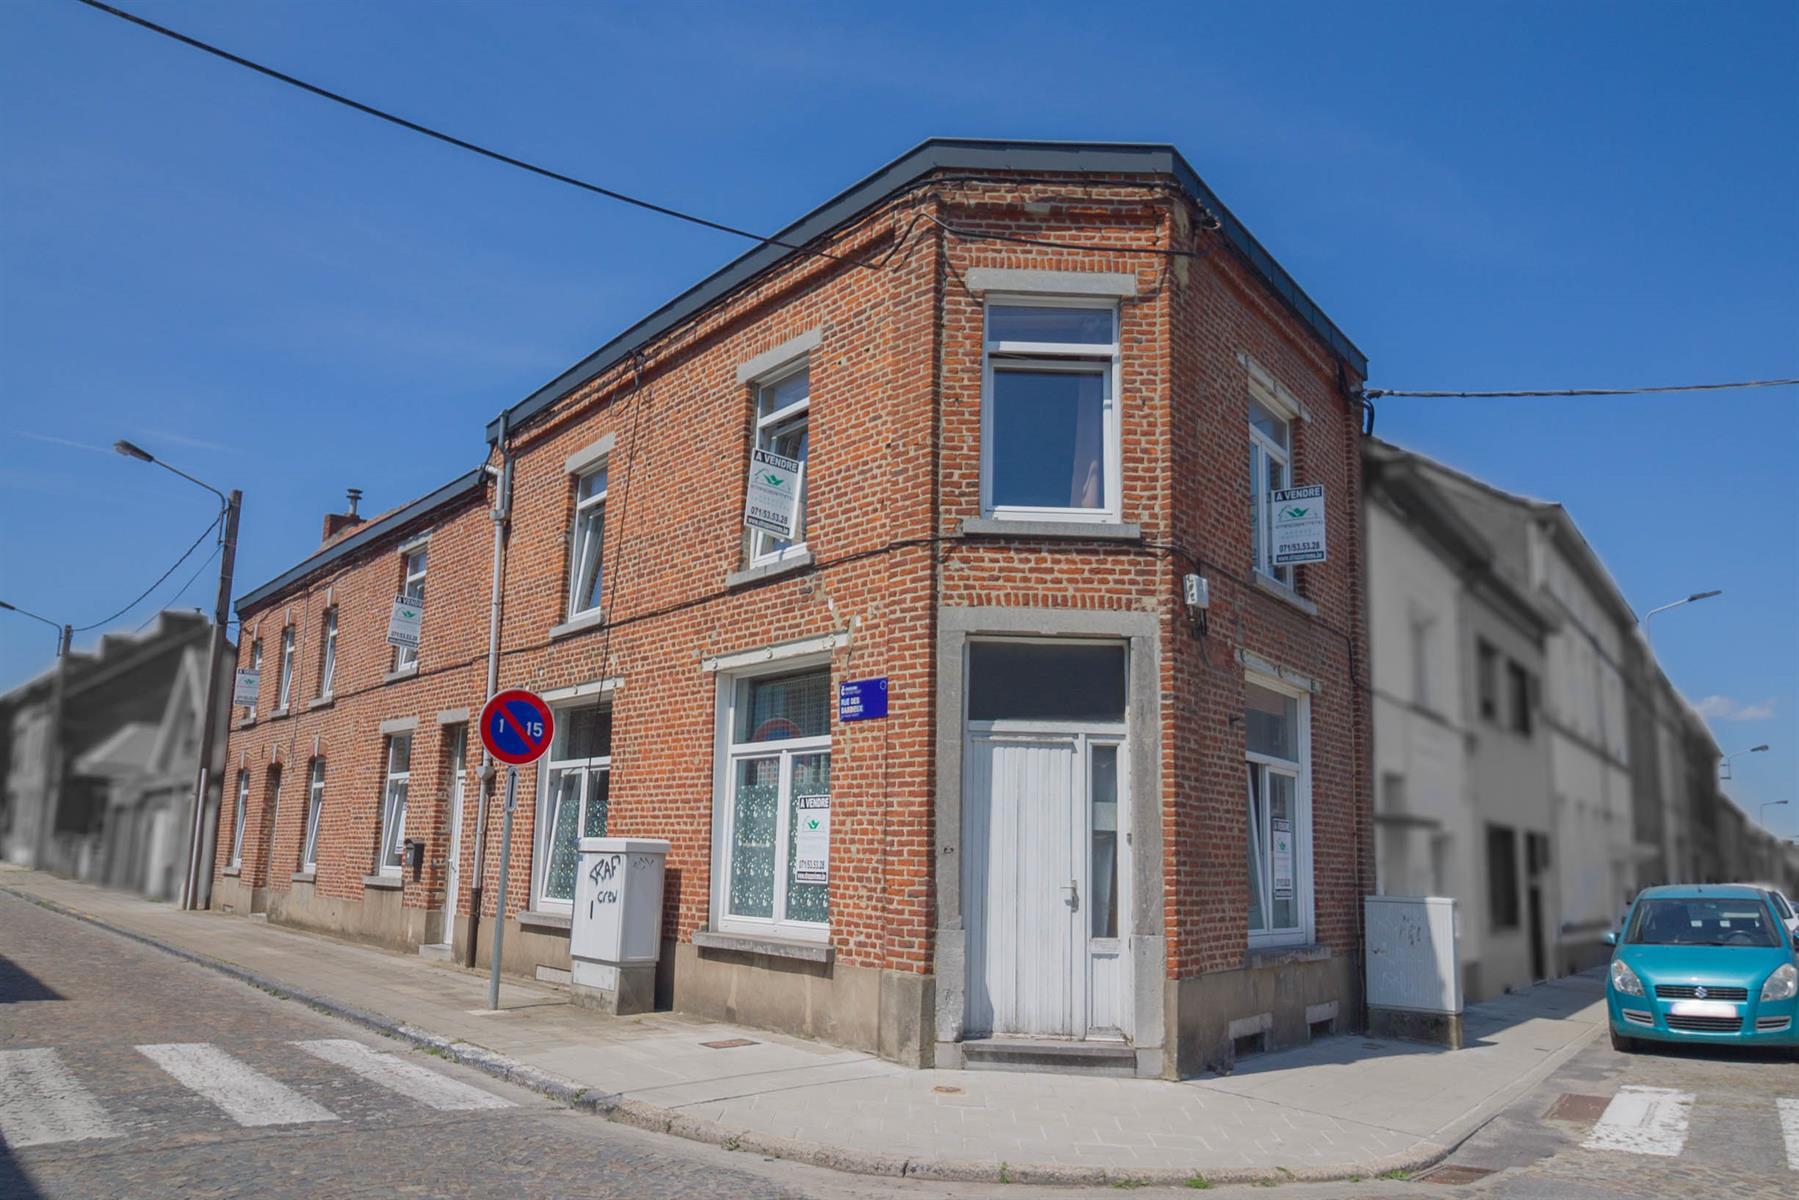 Maison - Monceau-sur-Sambre - #4536955-0